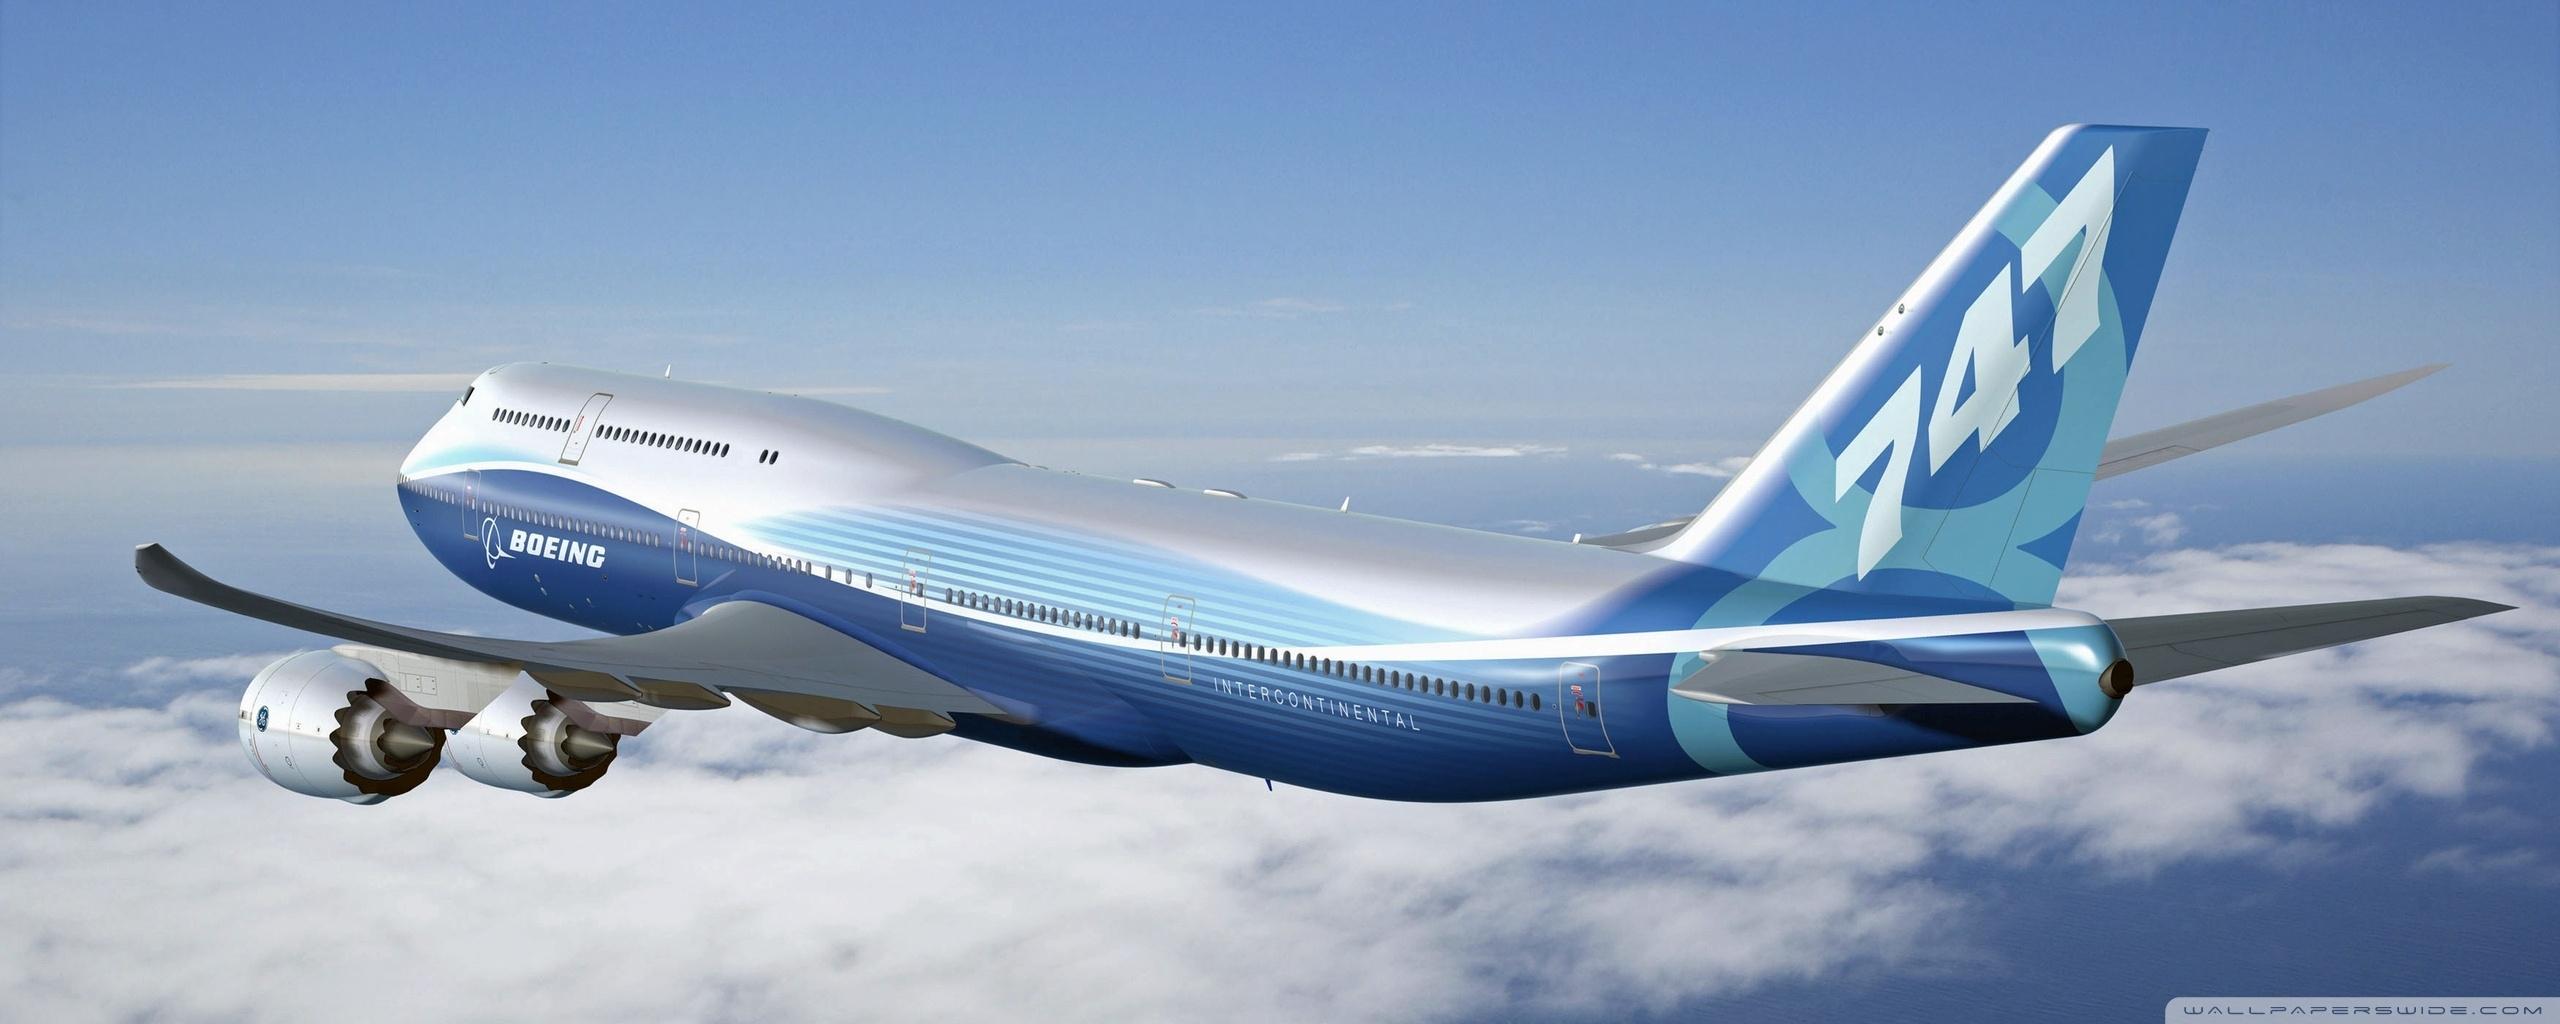 boeing 747 8 intercontinental ❤ 4k hd desktop wallpaper for 4k